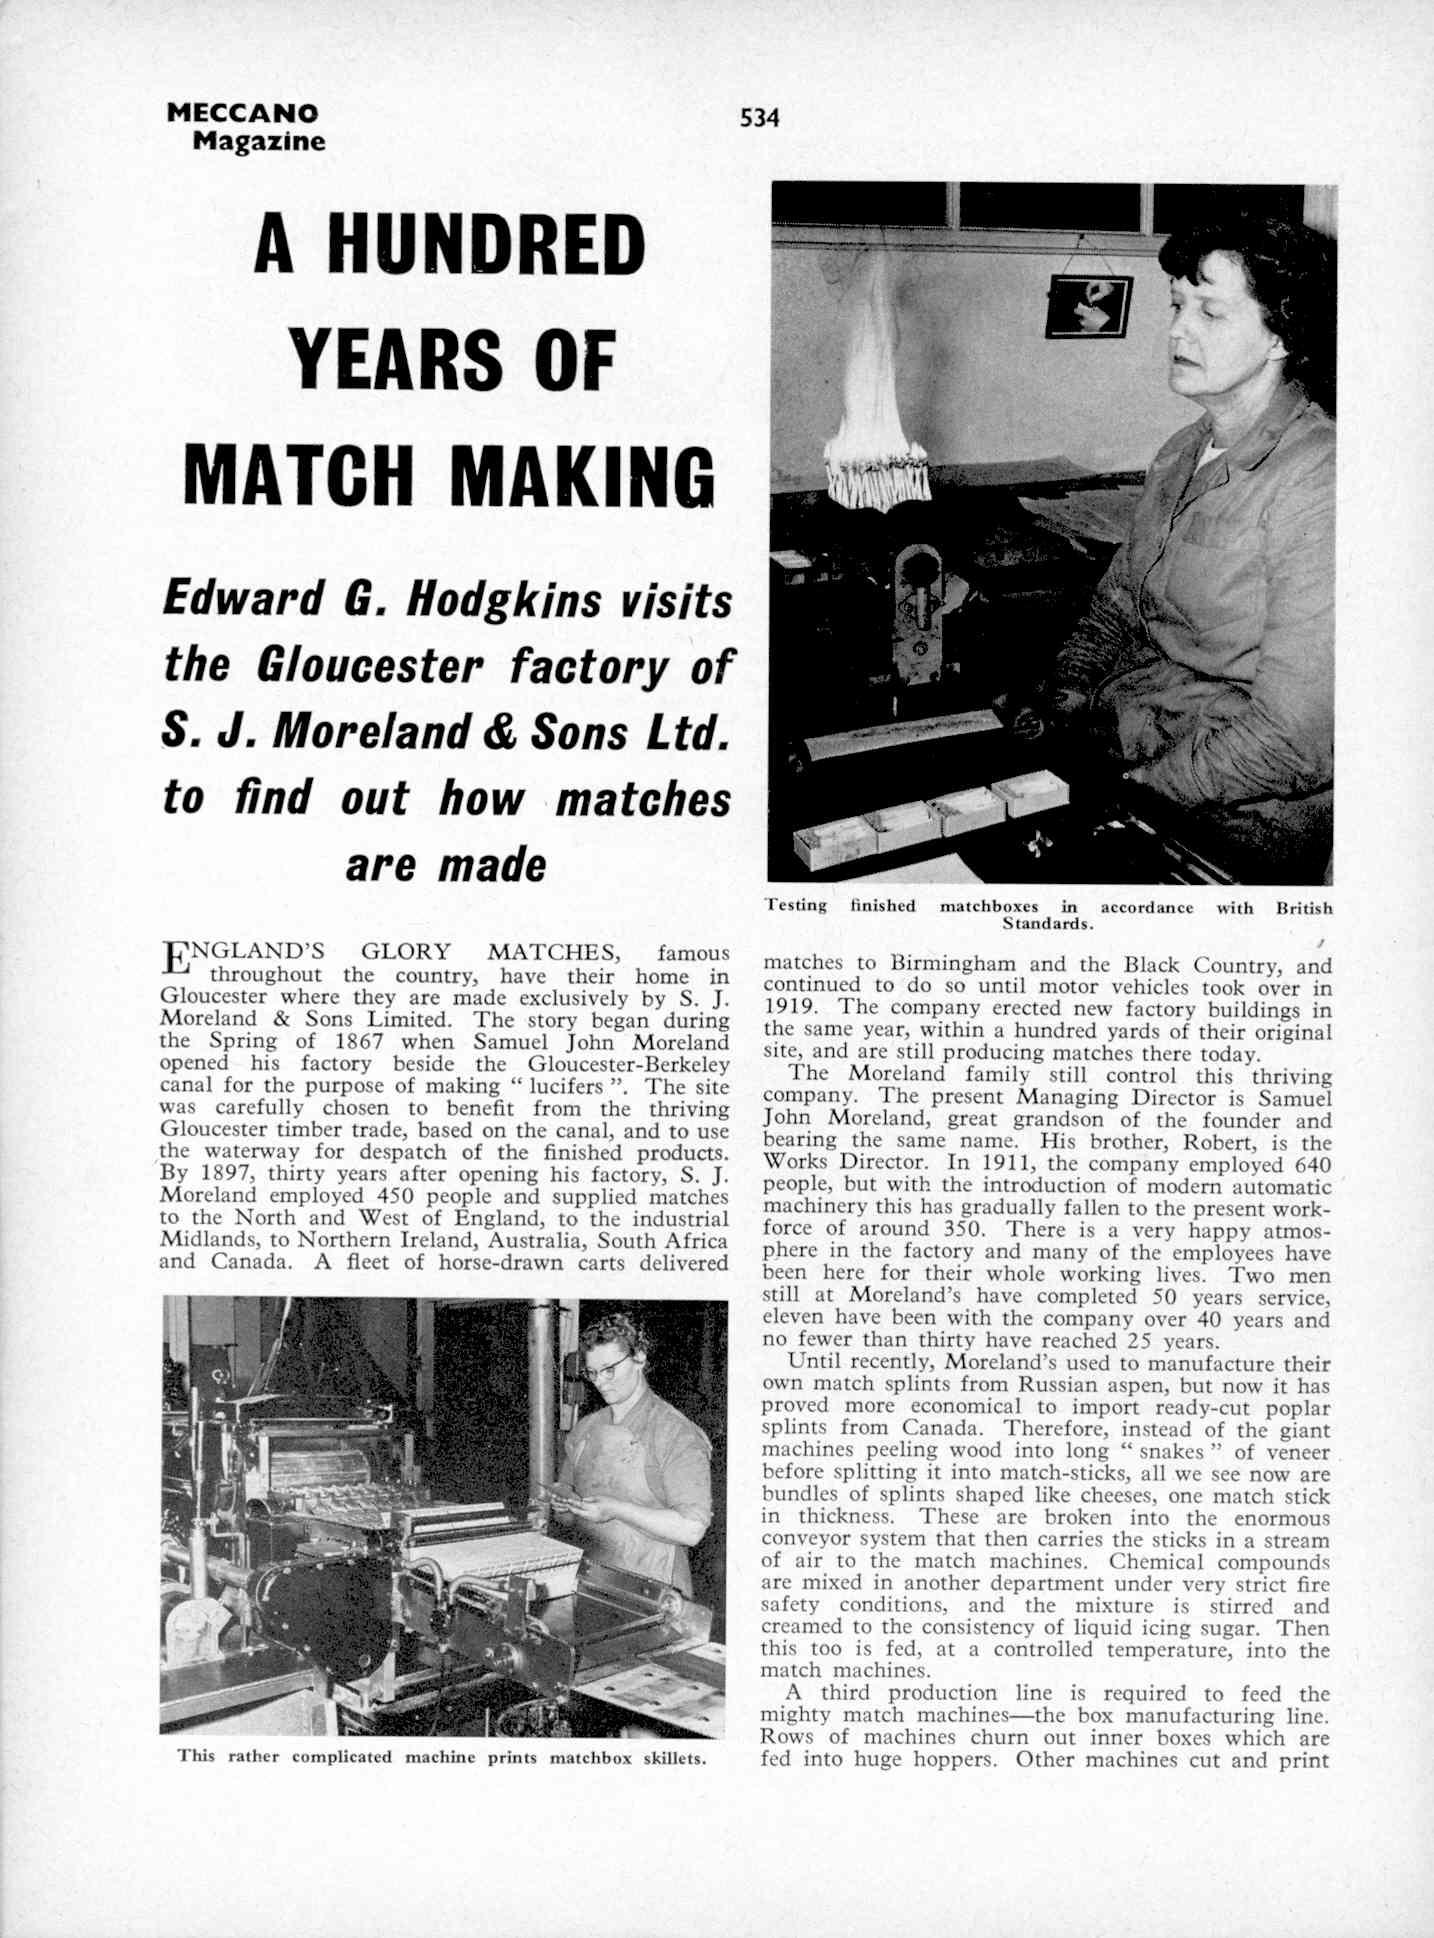 UK Meccano Magazine October 1970 Page 534